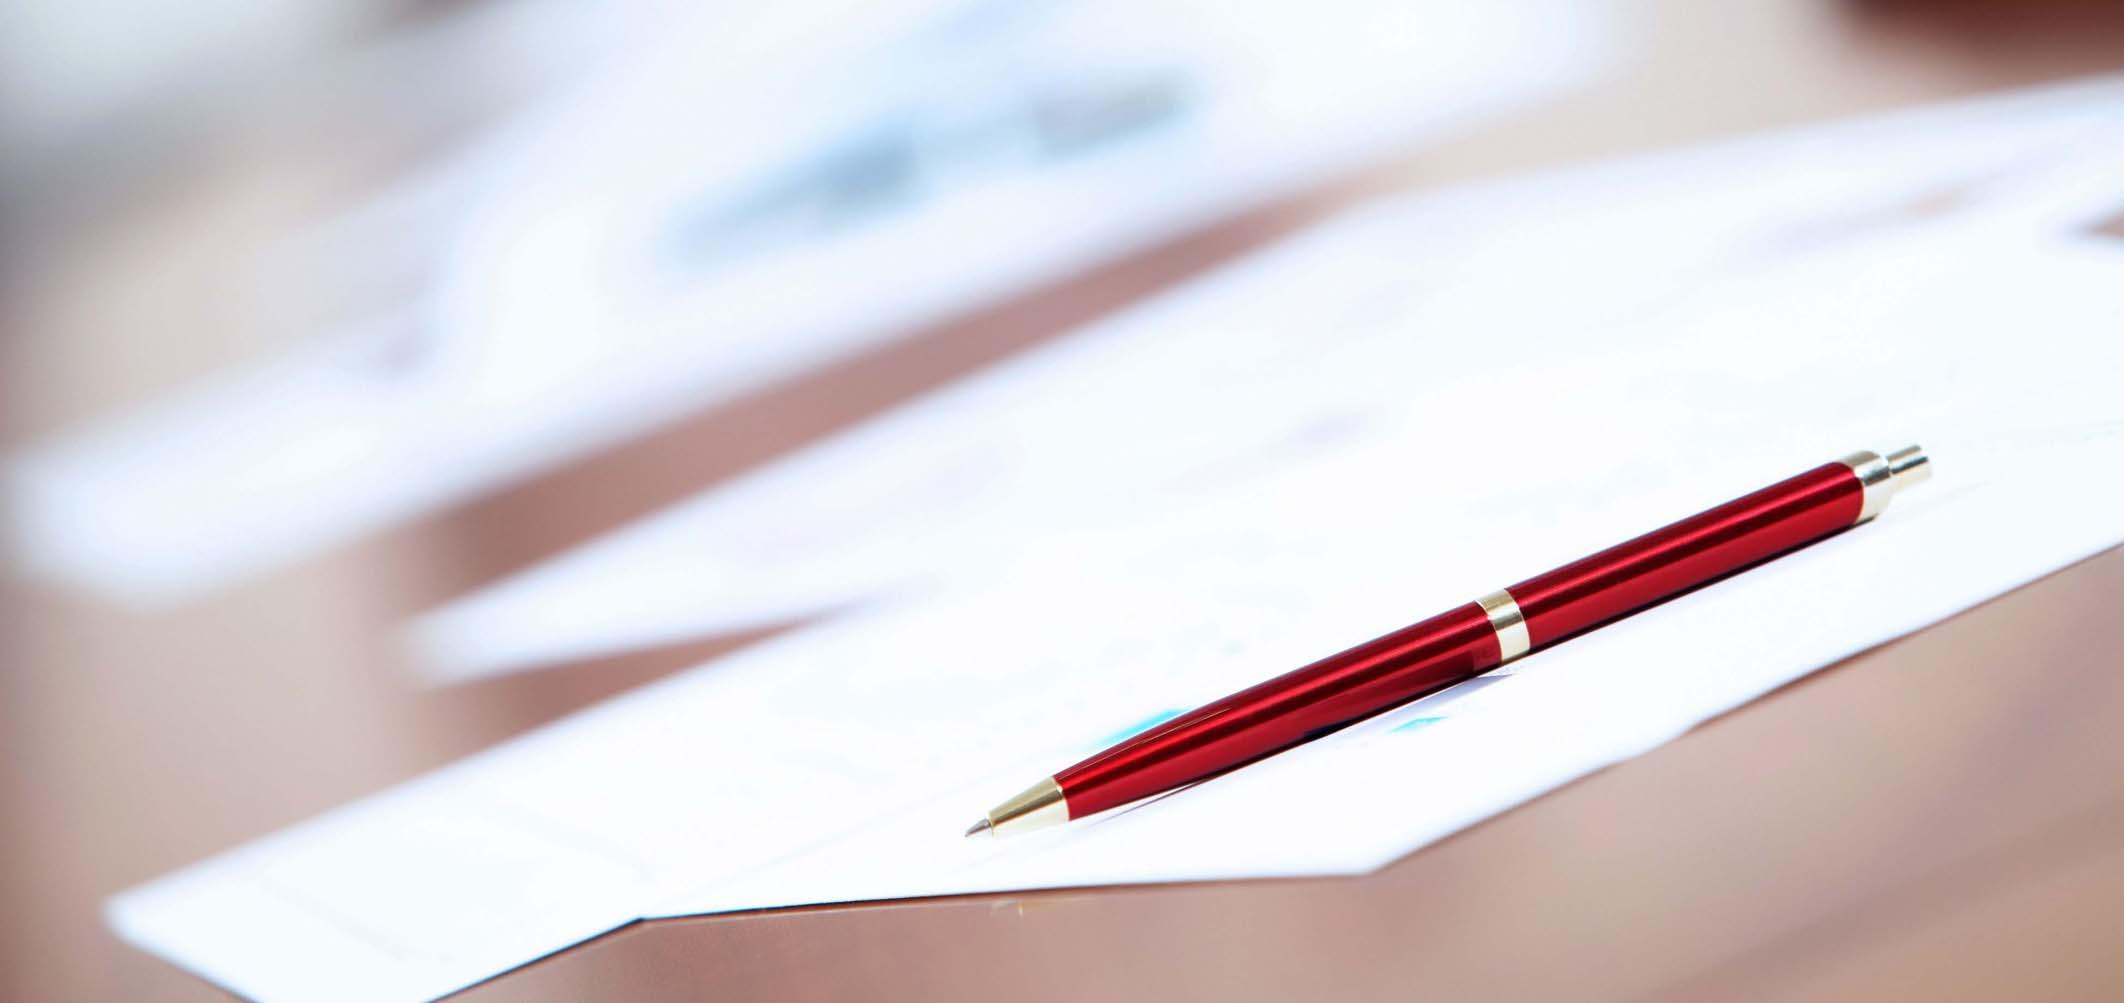 7580156c7 Begæring om sagkyndig beslutning kan afbryde forældelsesfristen